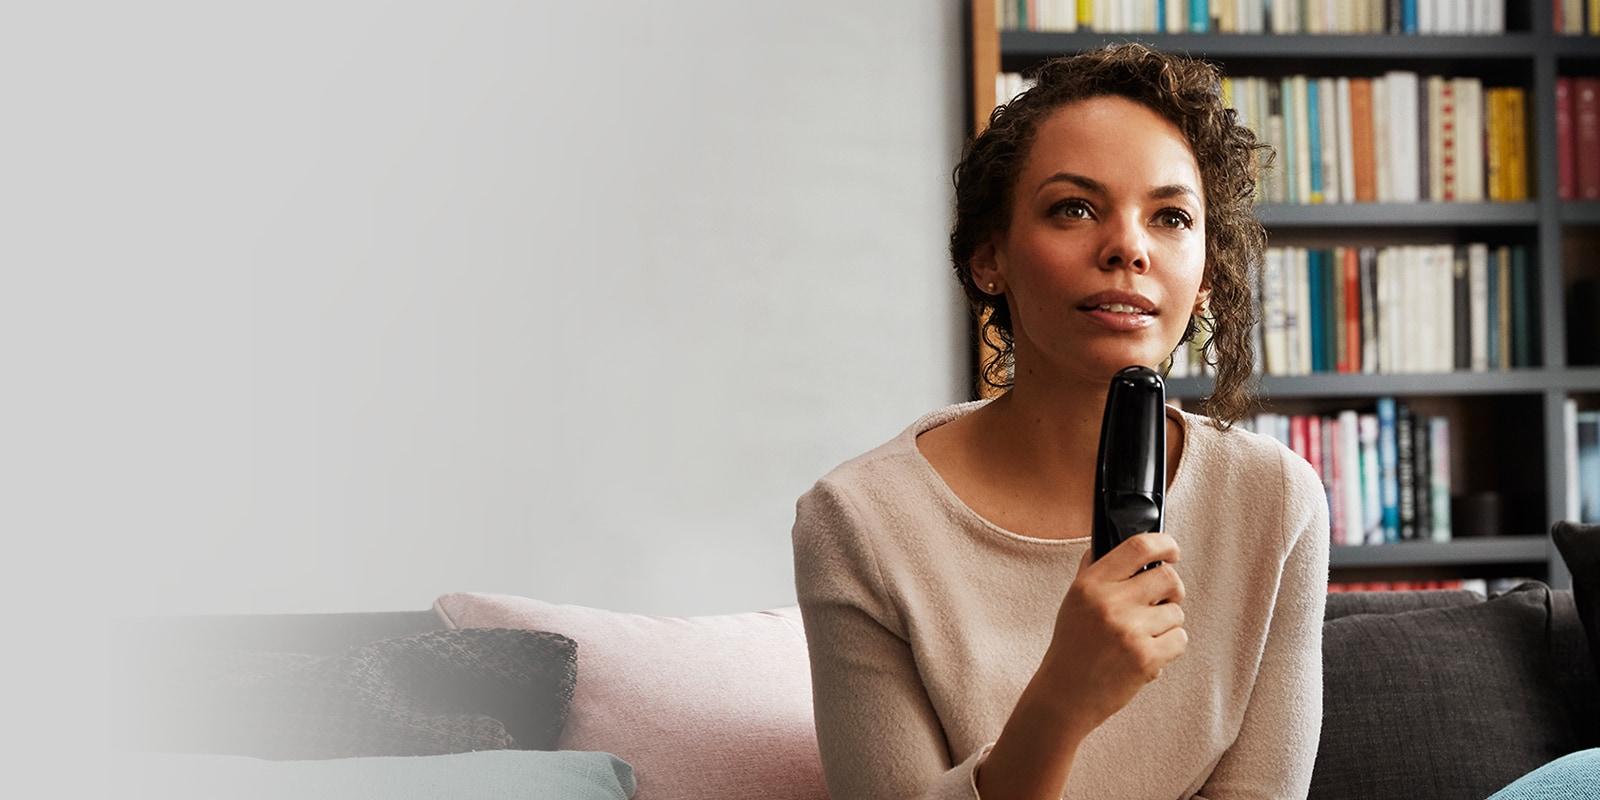 As LG TVs agora com Inteligência Artificial A tecnologia de Inteligência Artificial ThinQ AI da LG compreende seus comandos de voz, realizando pesquisas, acessando apps, navegando pela internet, etc. Facilitando ainda mais sua experiência de assistir TV.